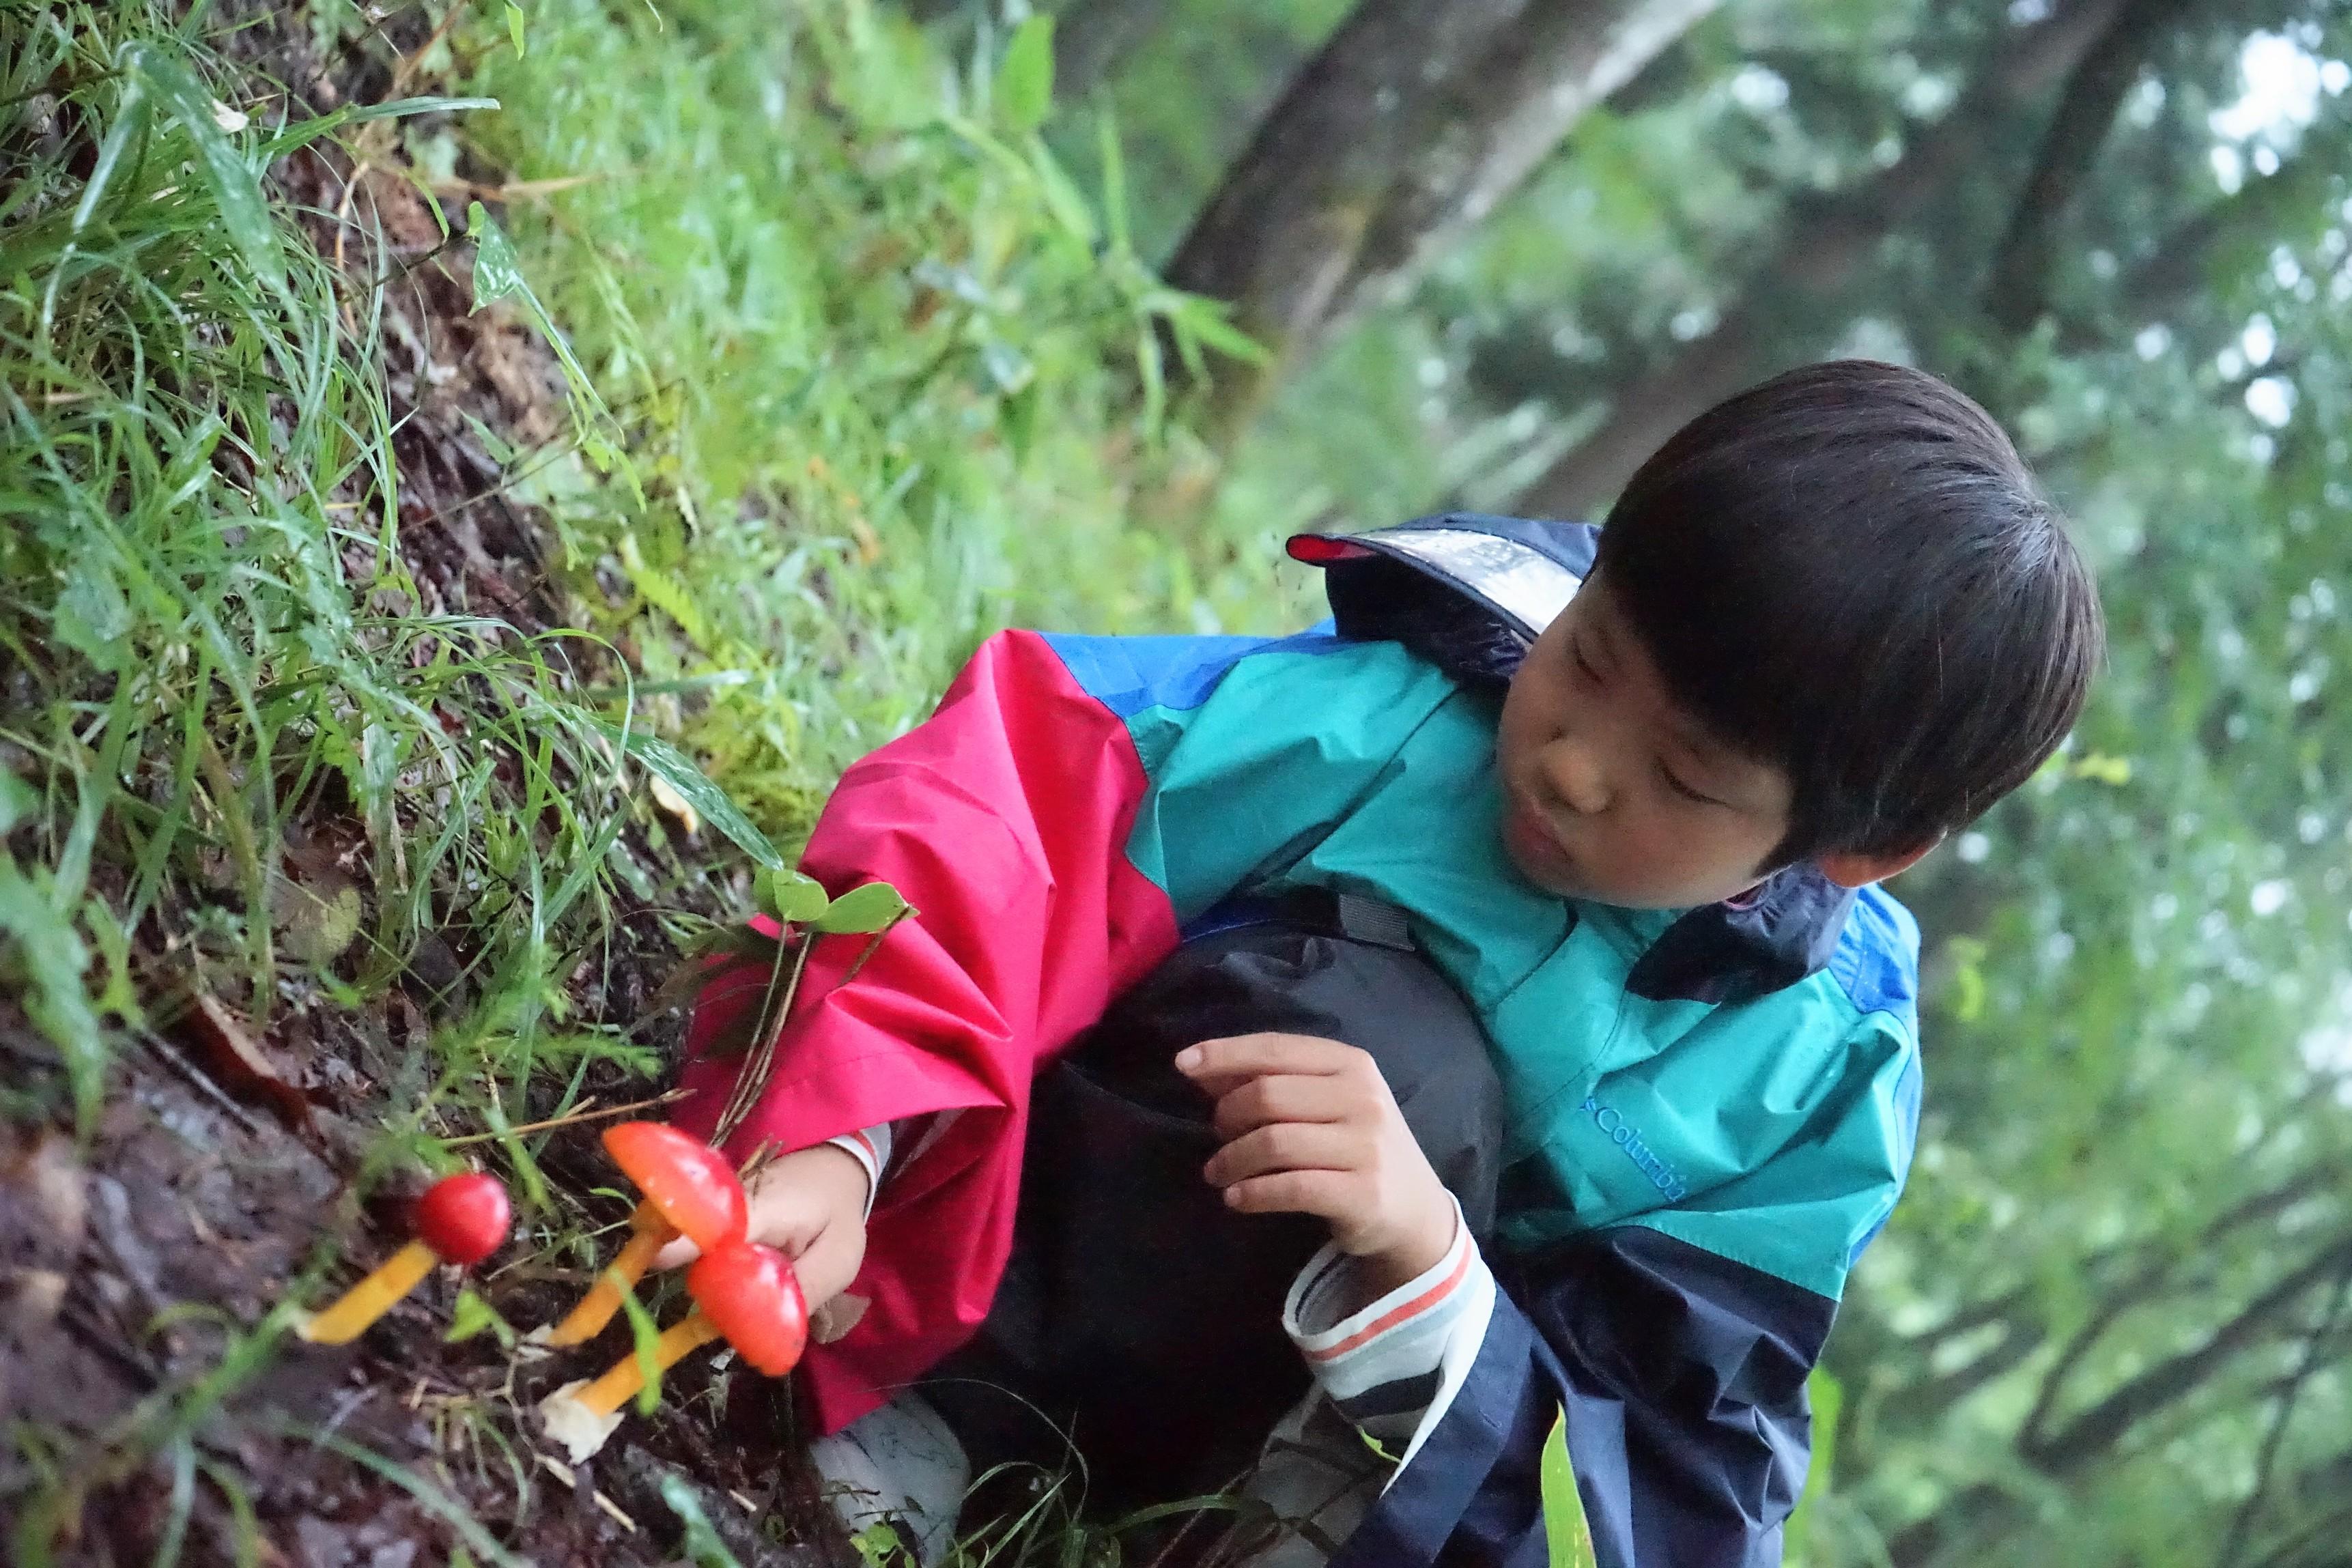 アファンの森でタマゴタケを採集